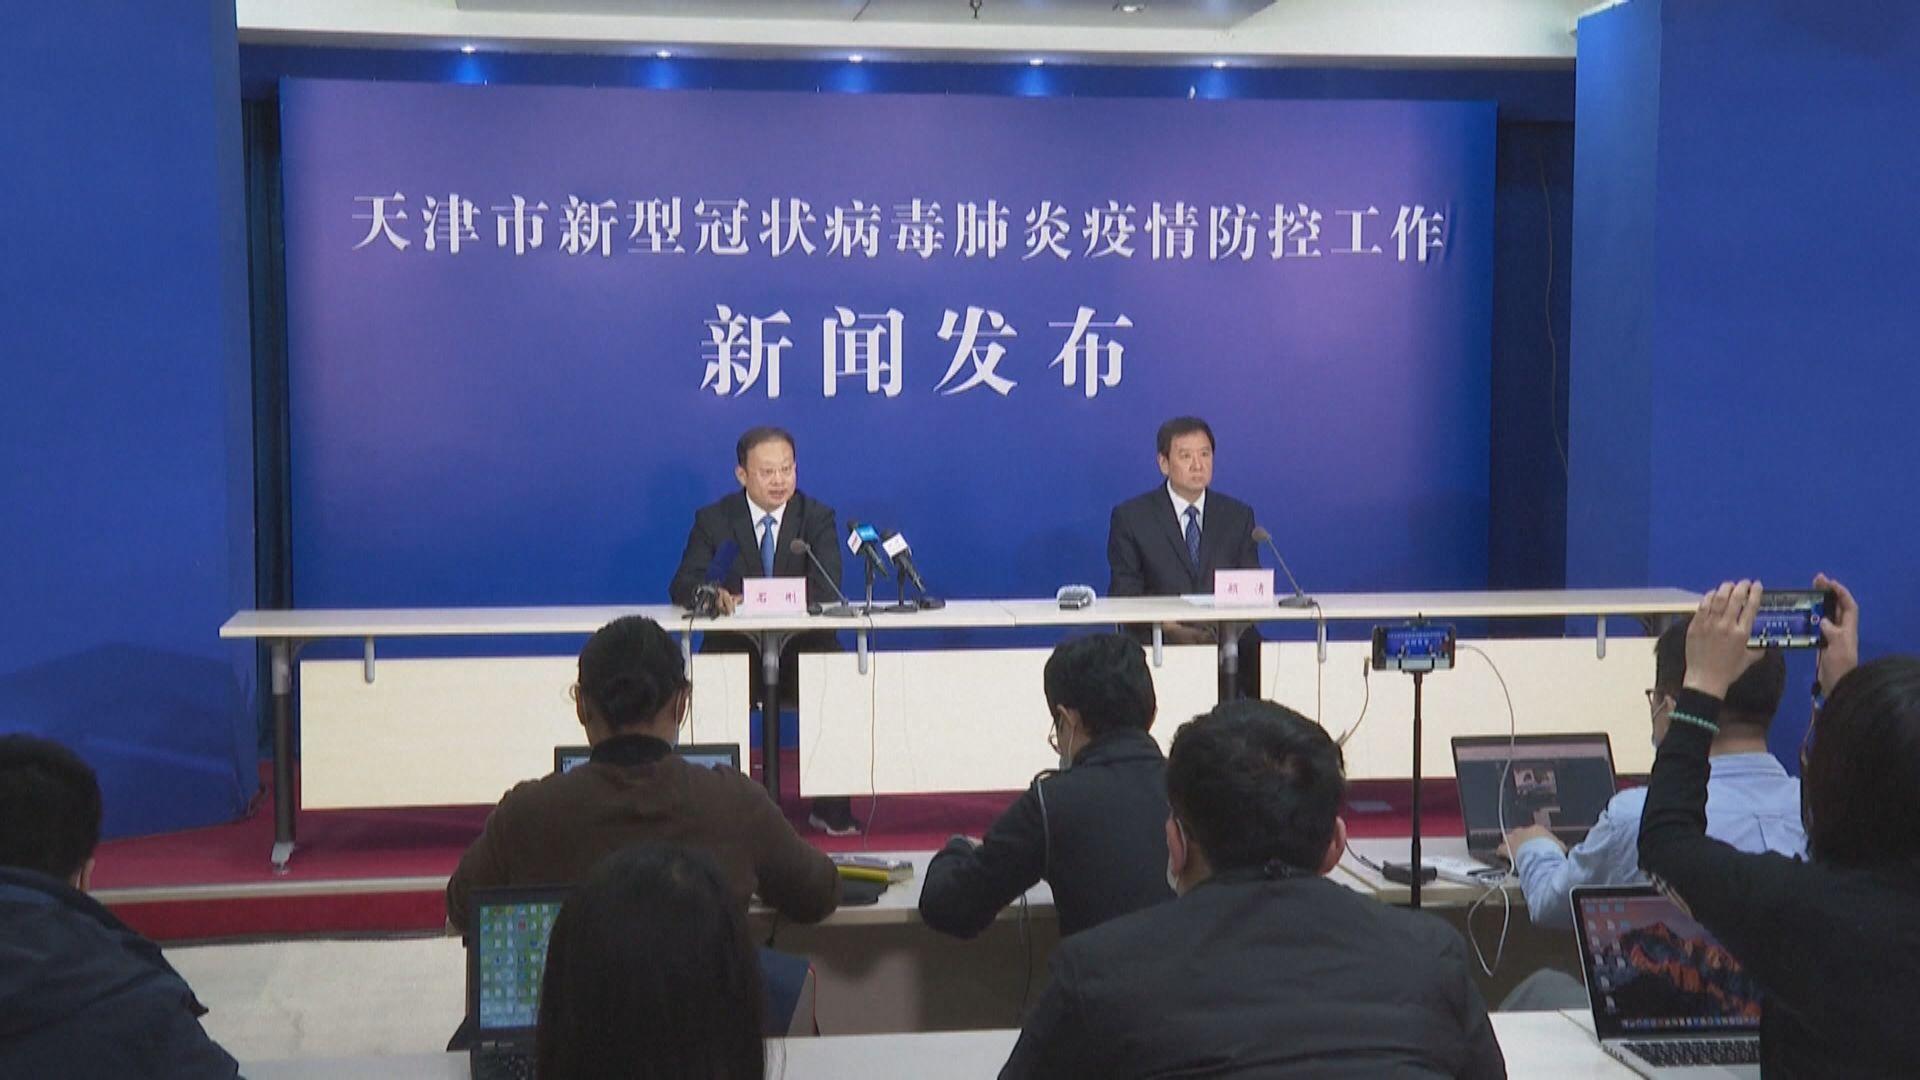 天津新增四宗本地確診 來自同一小區